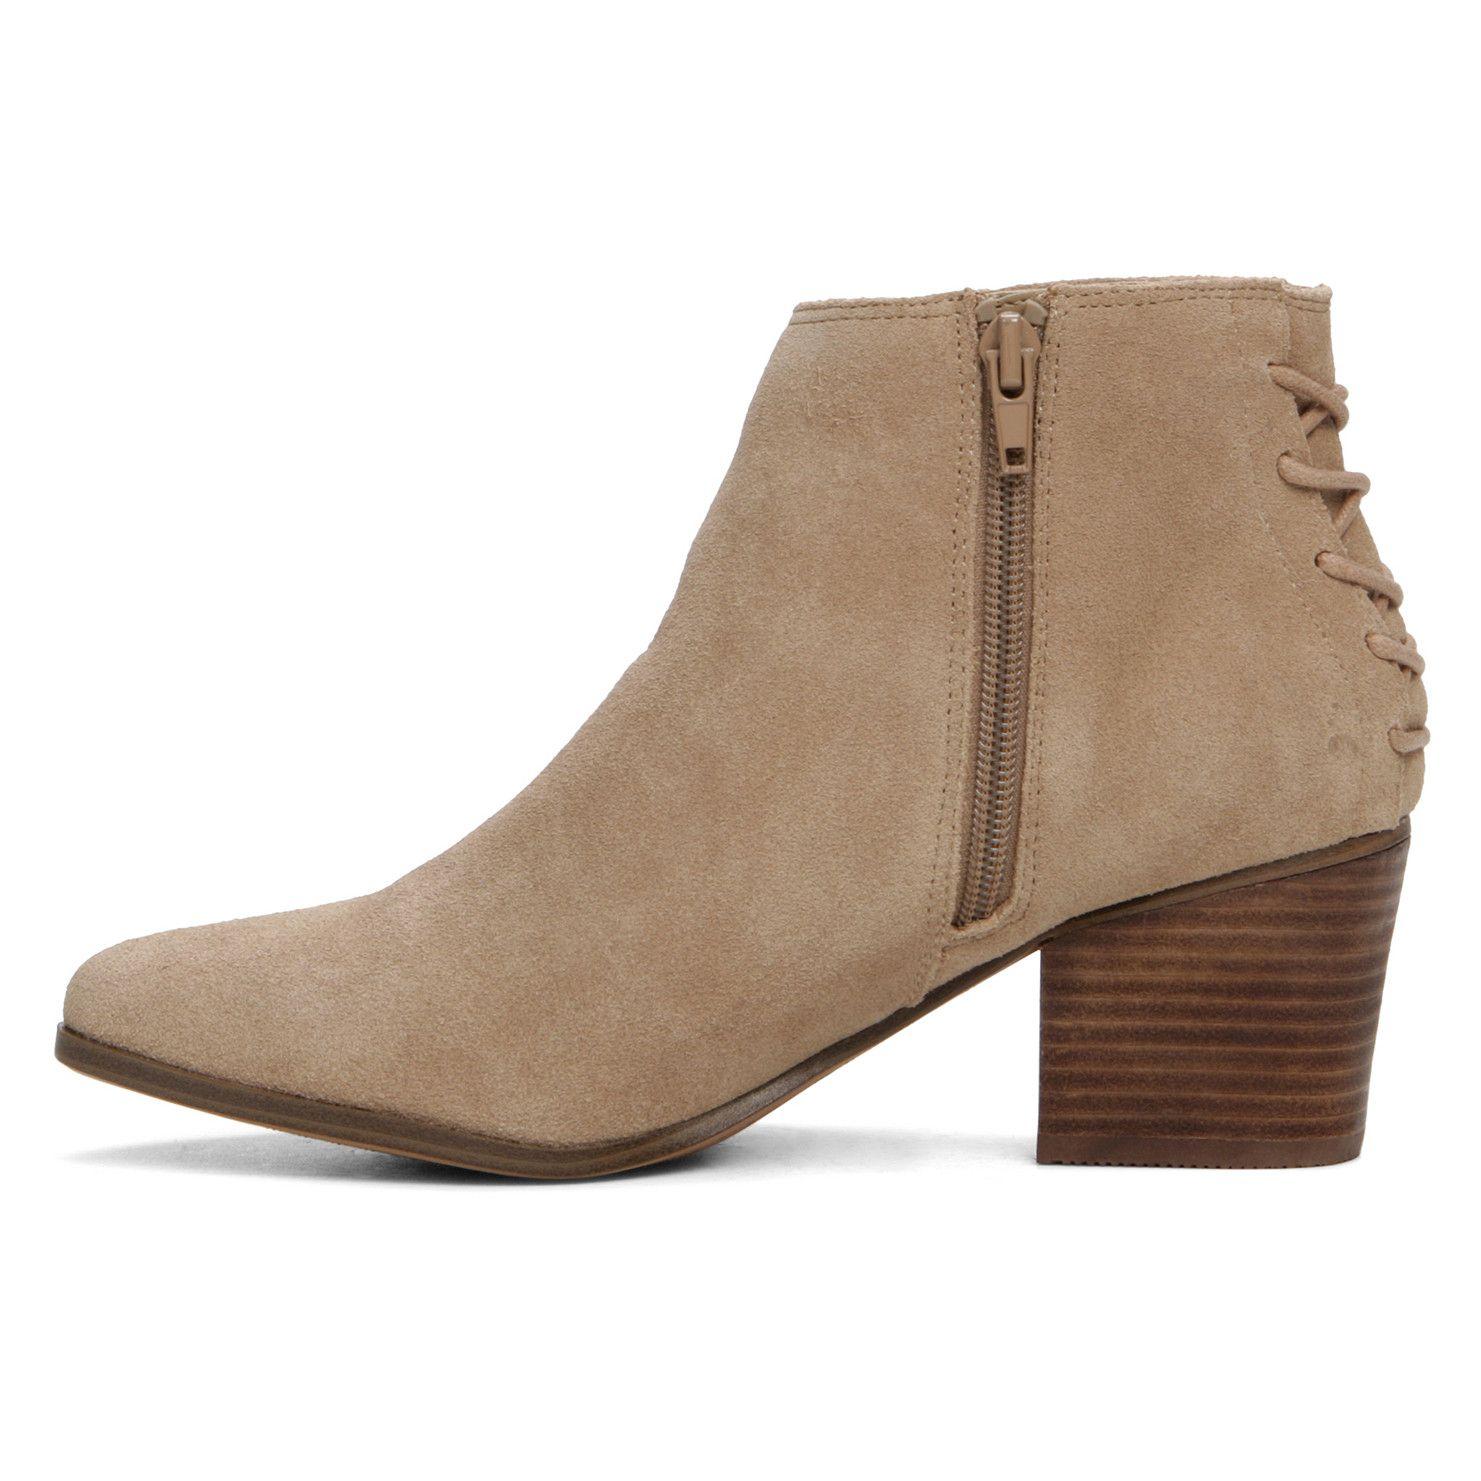 aldo shoes outlet boots women